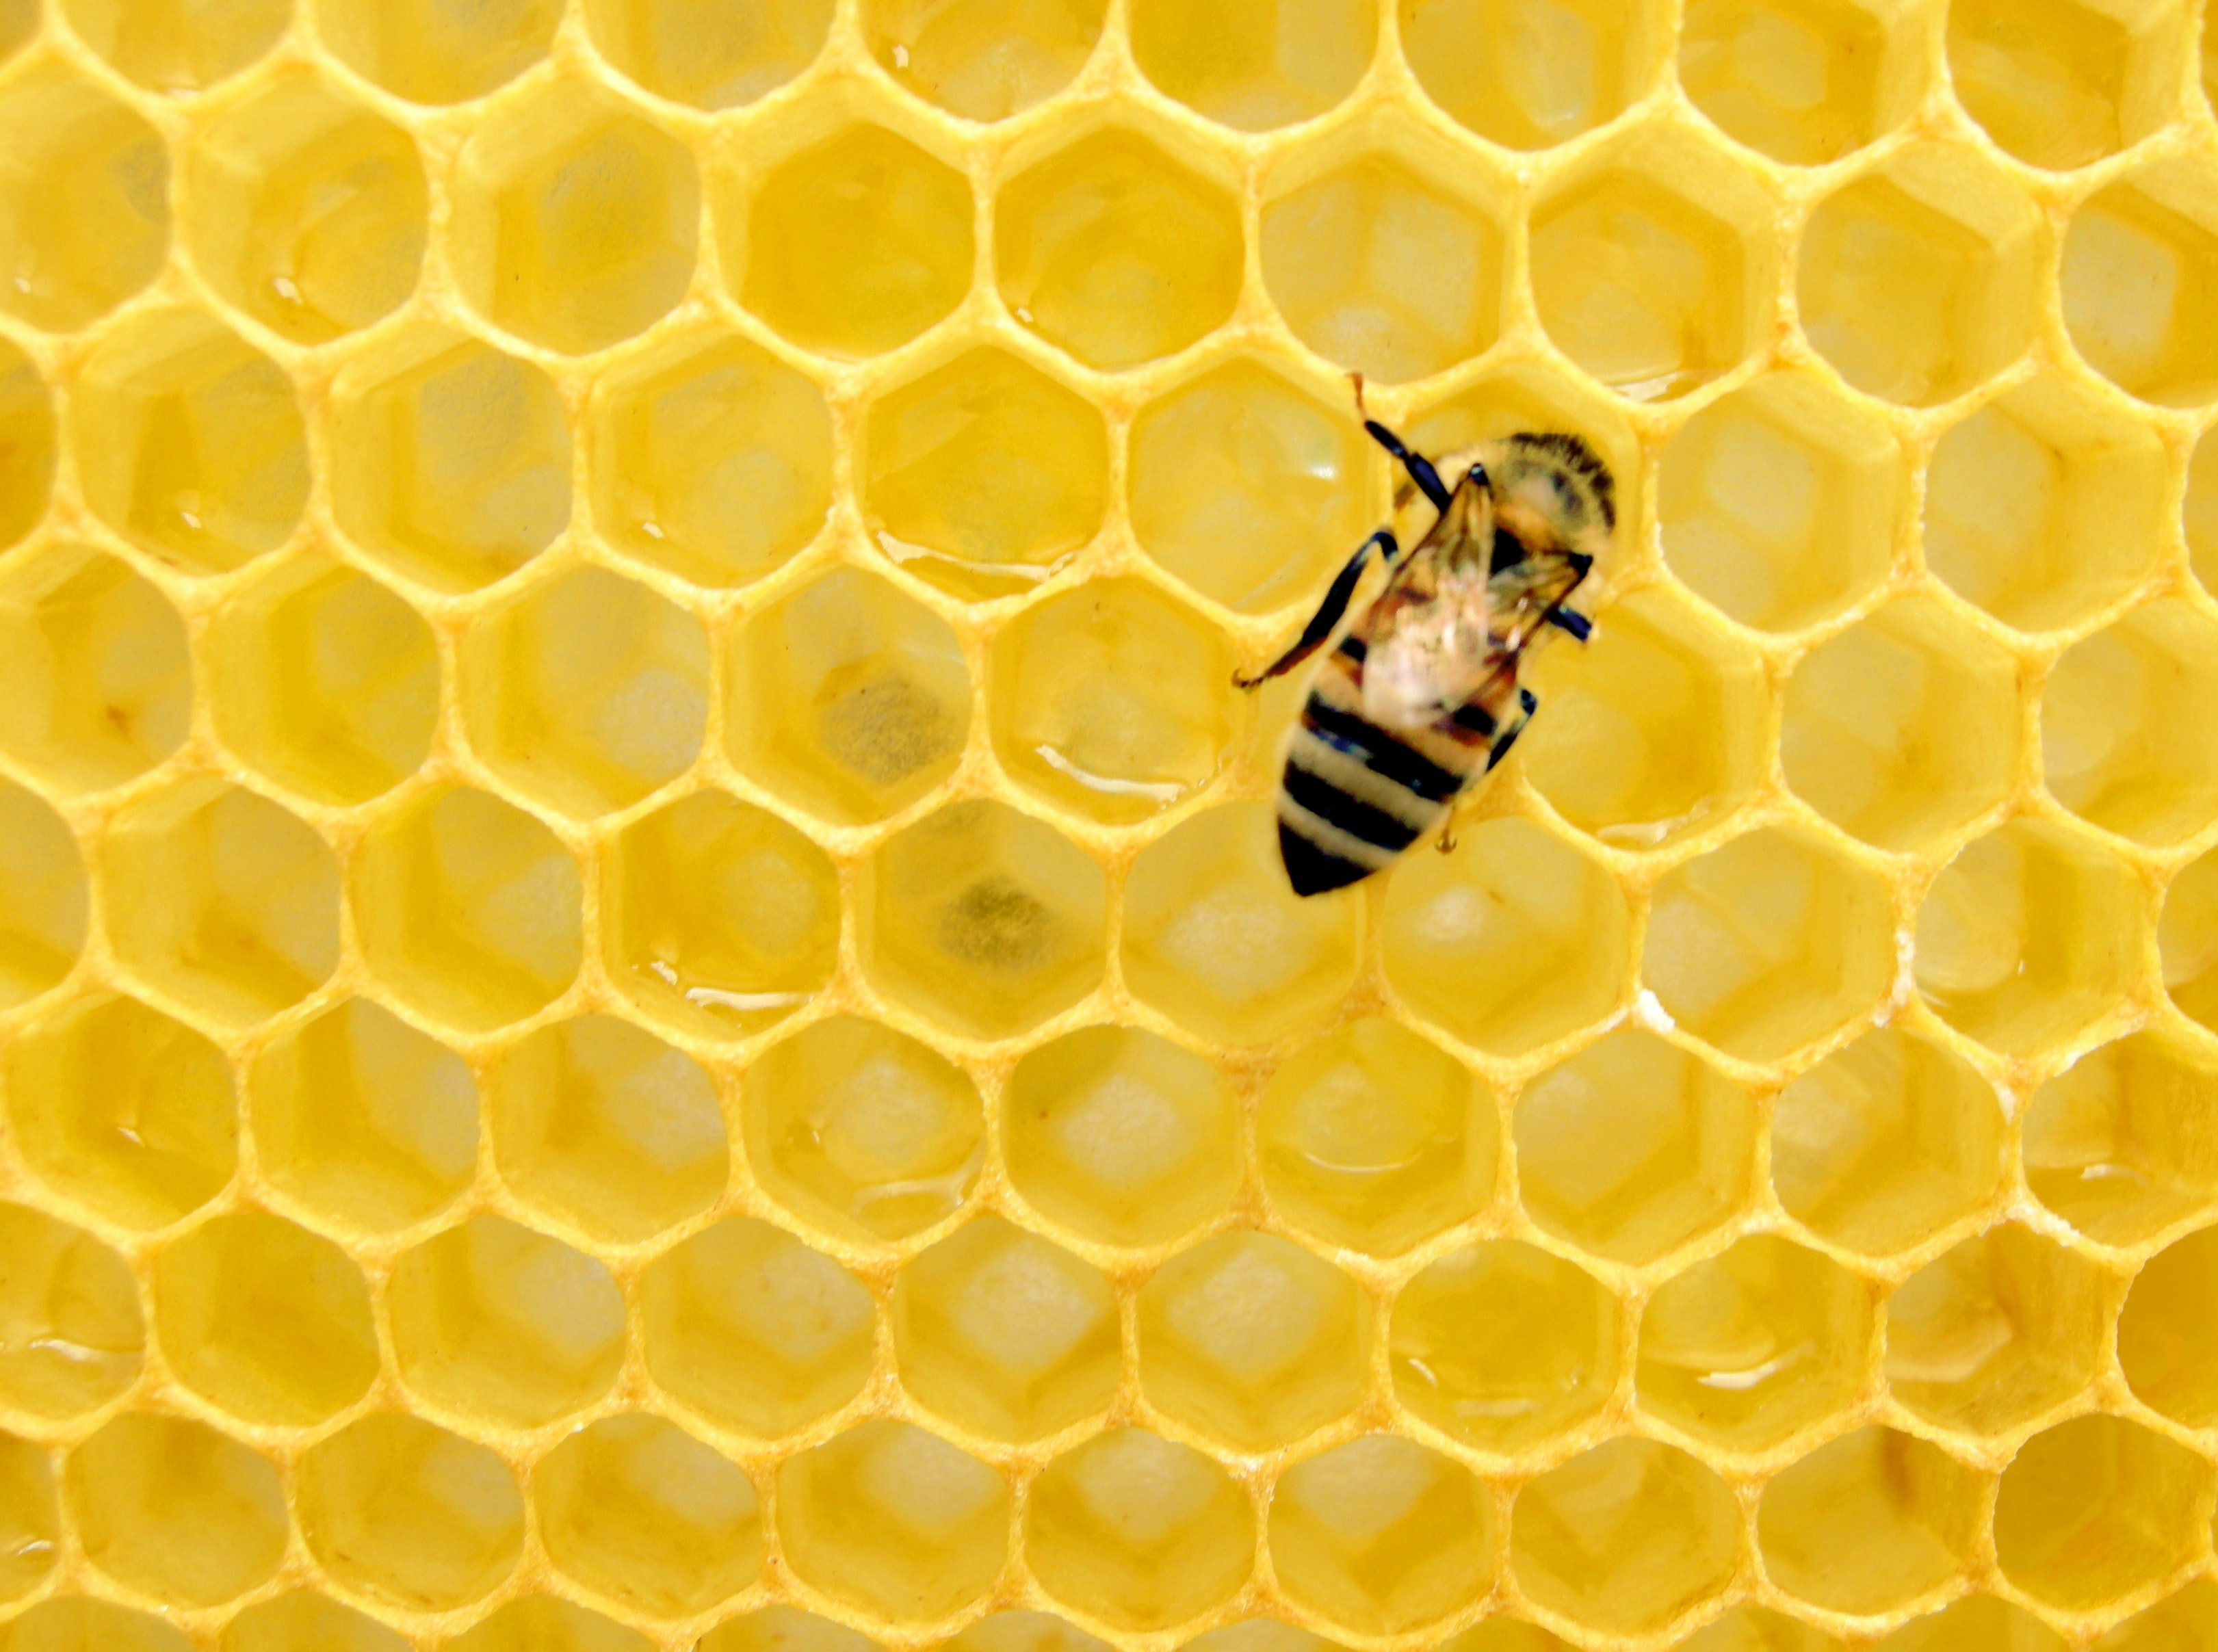 Les reines de liège promeut l'apiculture - Unsplash